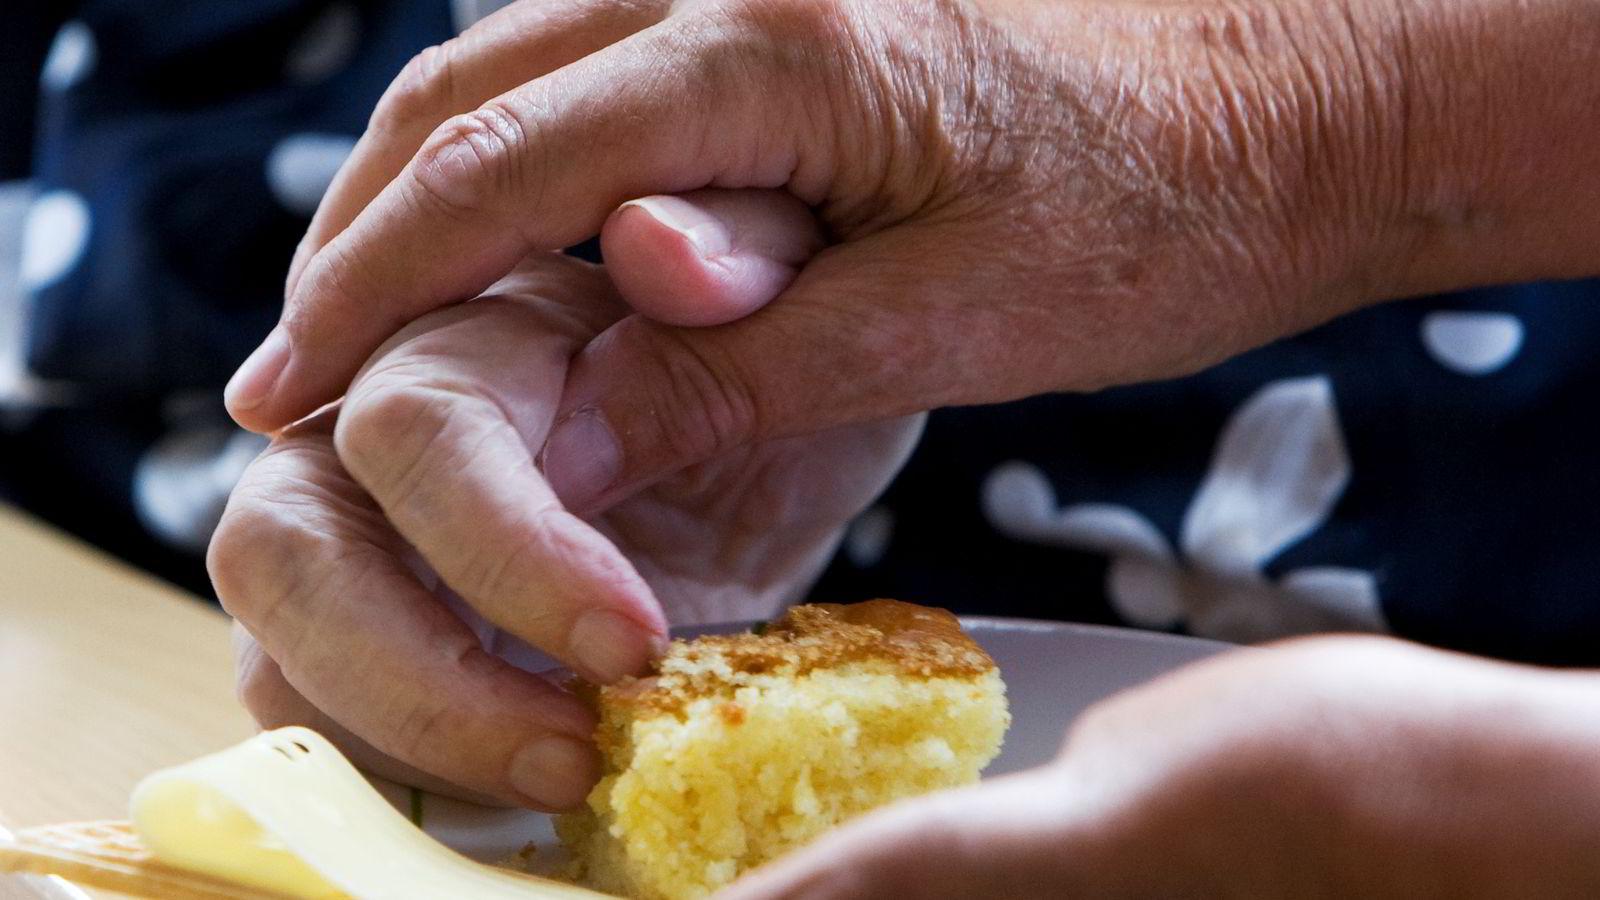 Forbrukerrådet mener norske kommunepolitikere må ta mer ansvar for å sørge for god og smakfull mat til eldre på sykehjem.